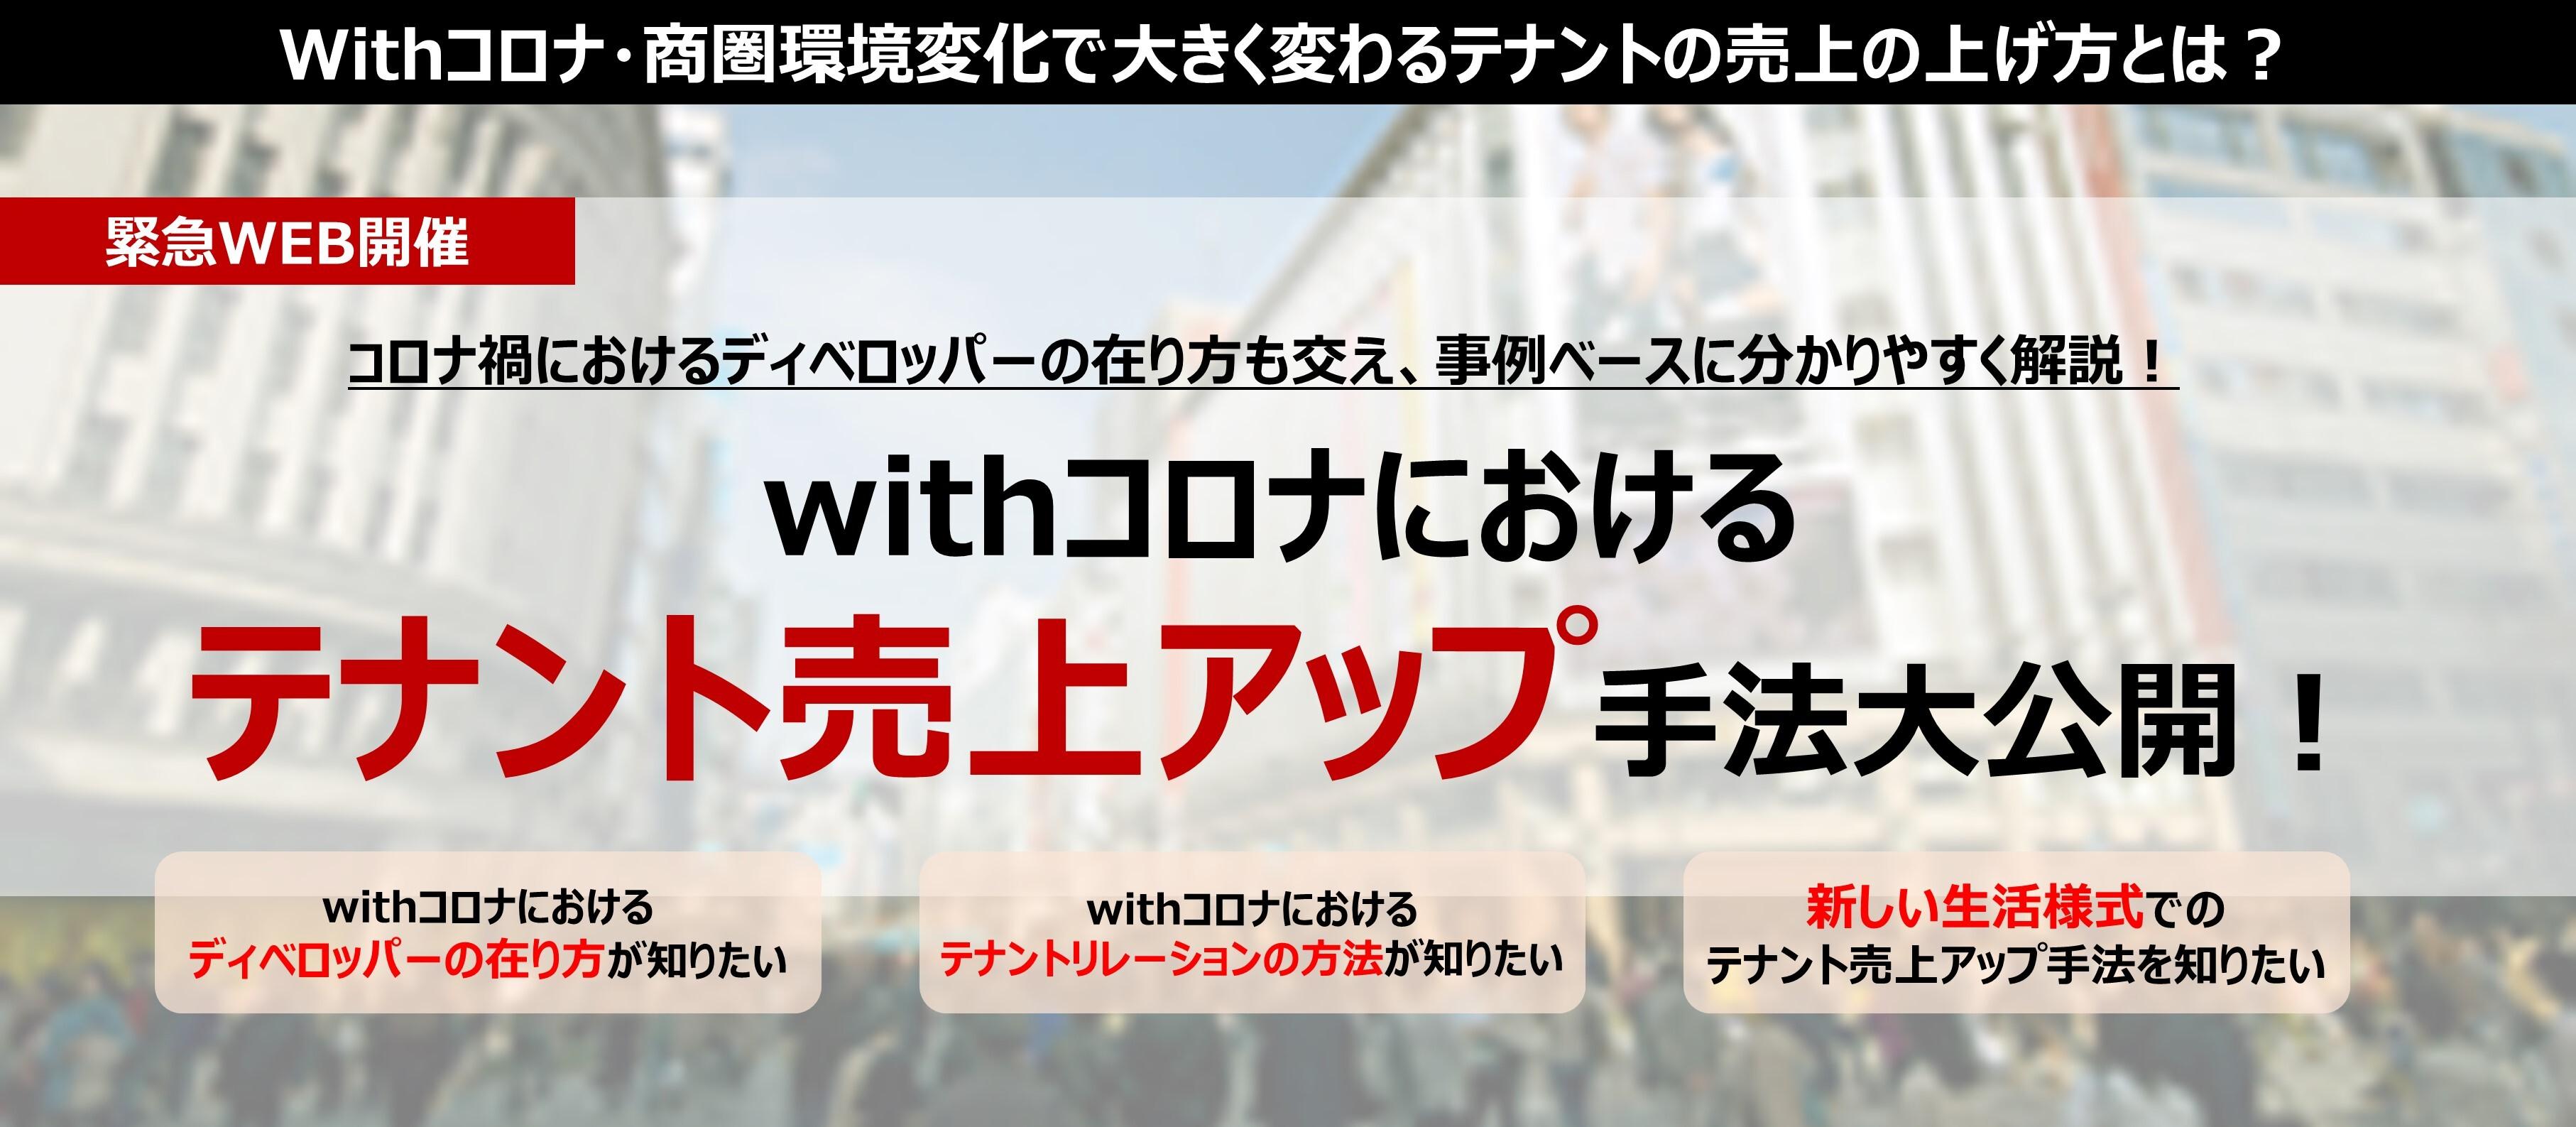 50周年感謝・WEBセミナー・テナント売上アップ手法大公開